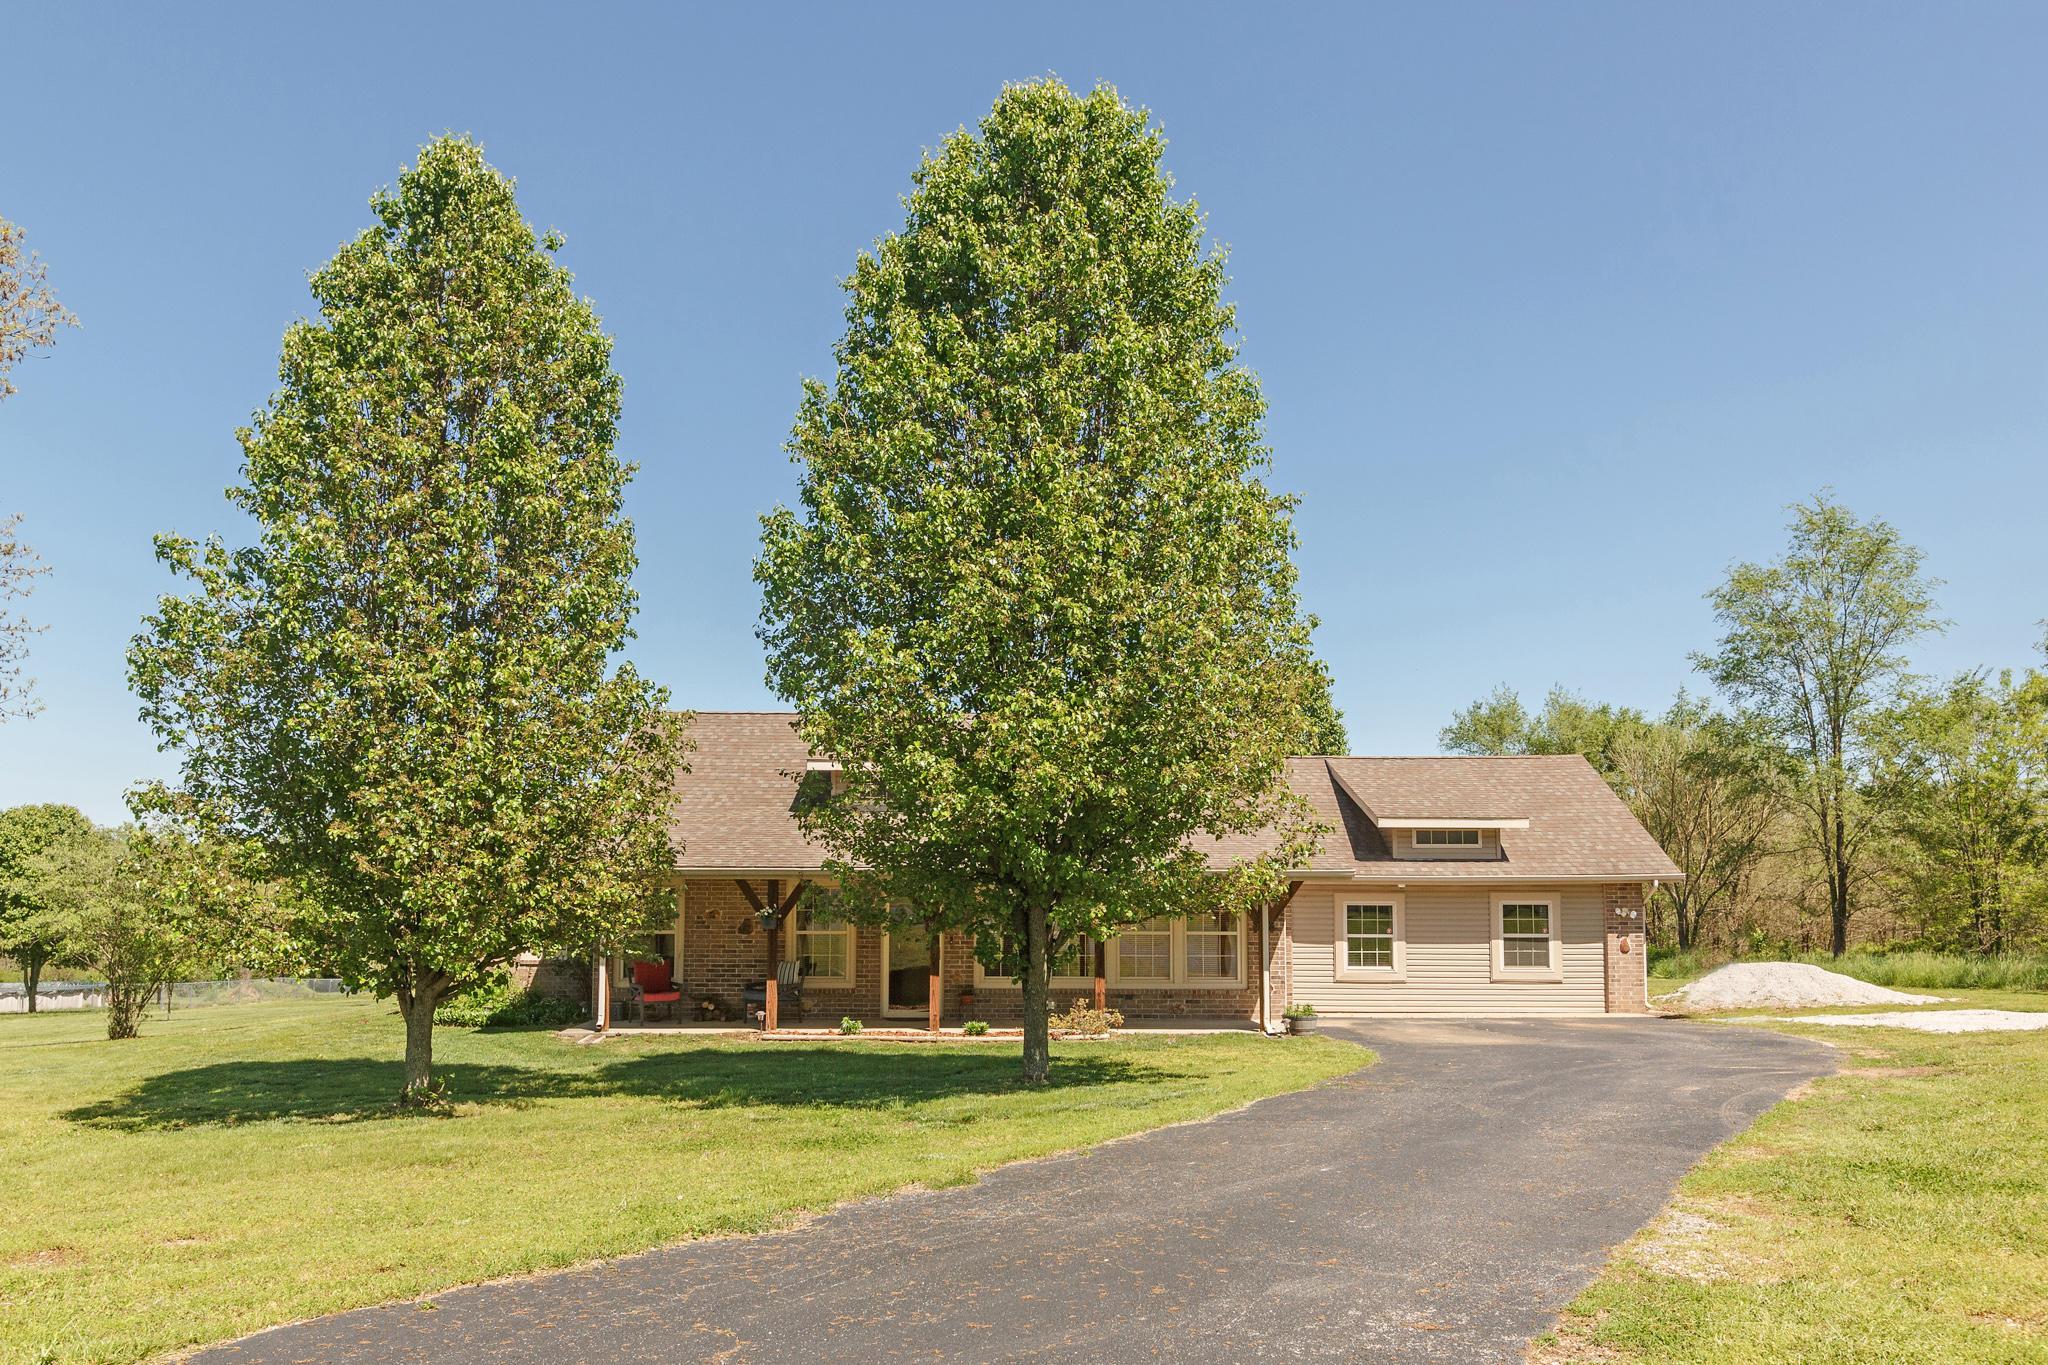 6010 North Farm Road Willard, MO 65781